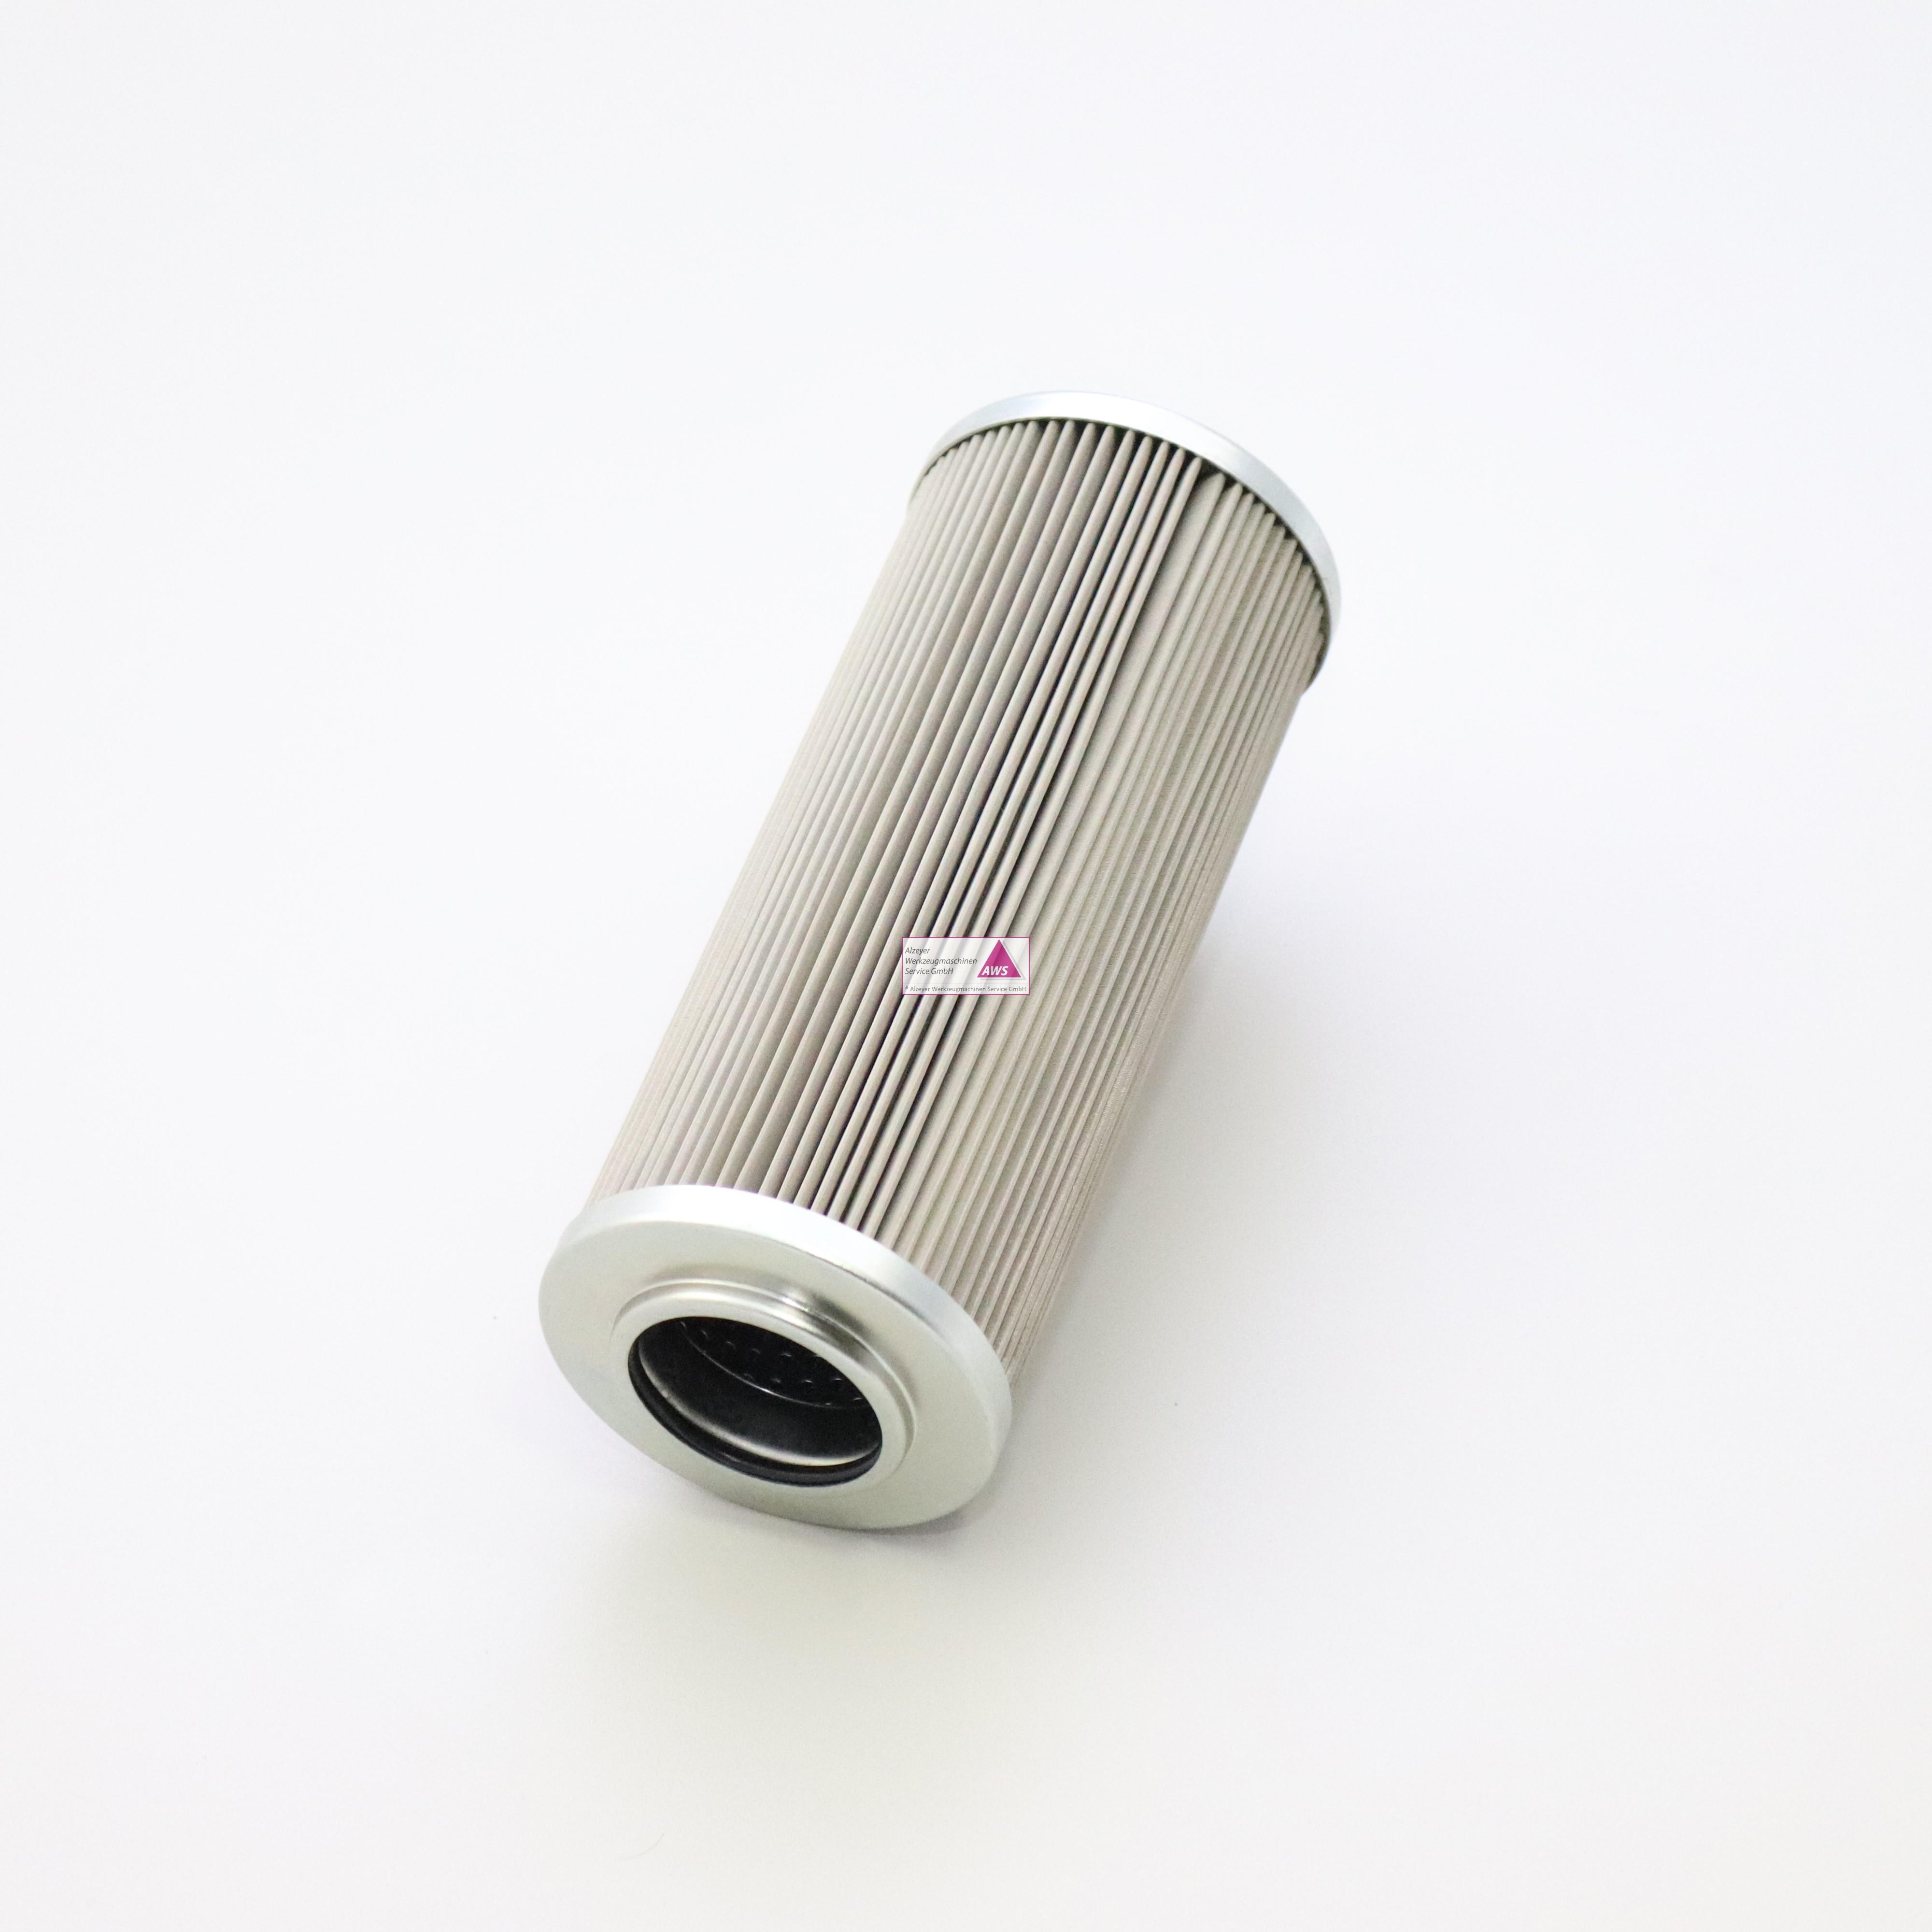 Patrone für Filter G-UL-12A-50UW 50µ